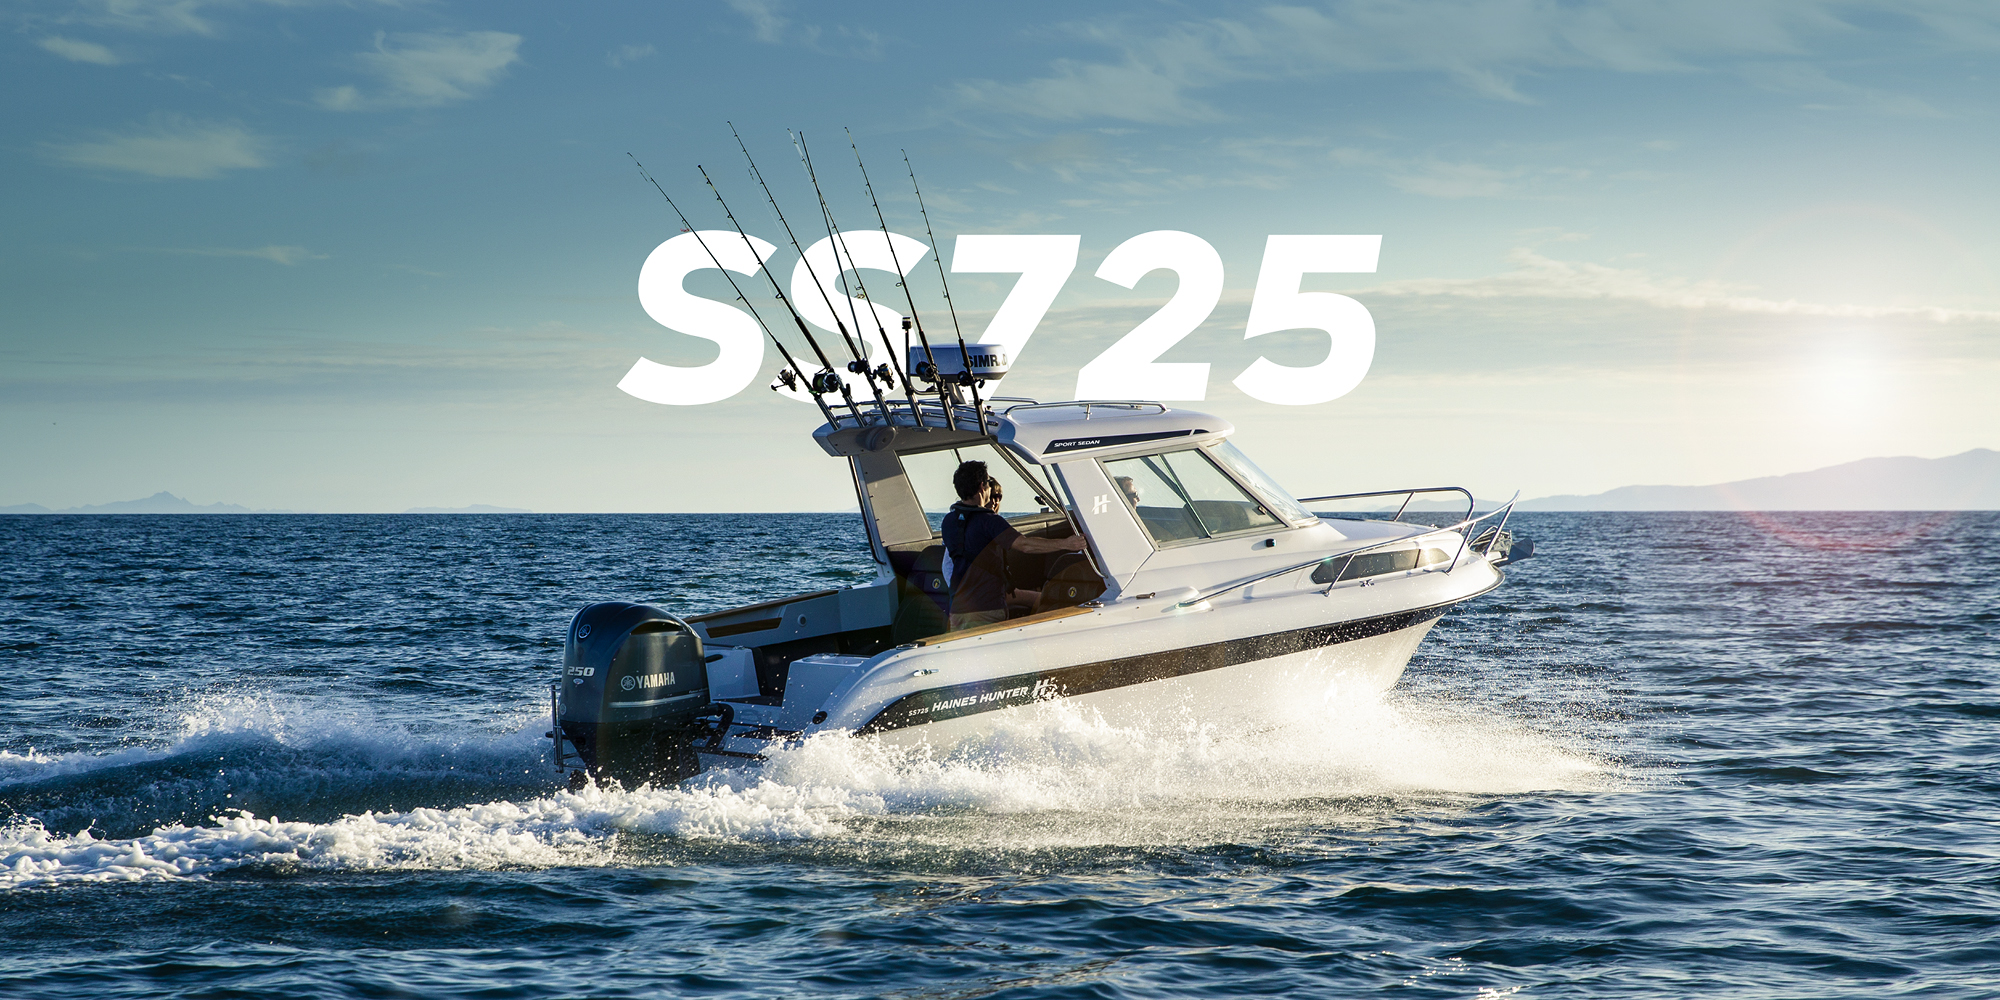 Haines Hunter SS725 HERO v2 | Haines Hunter HQ